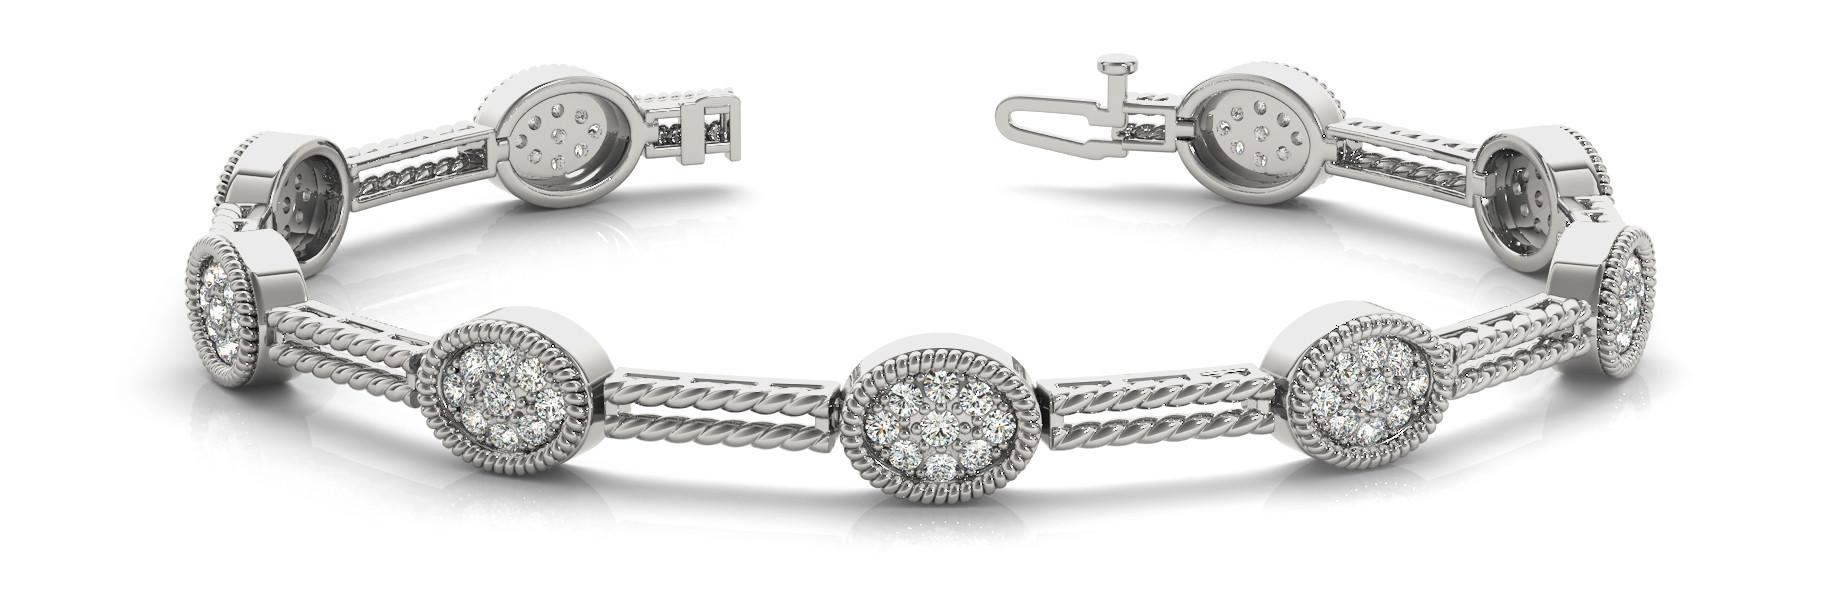 Bracelet Fashion